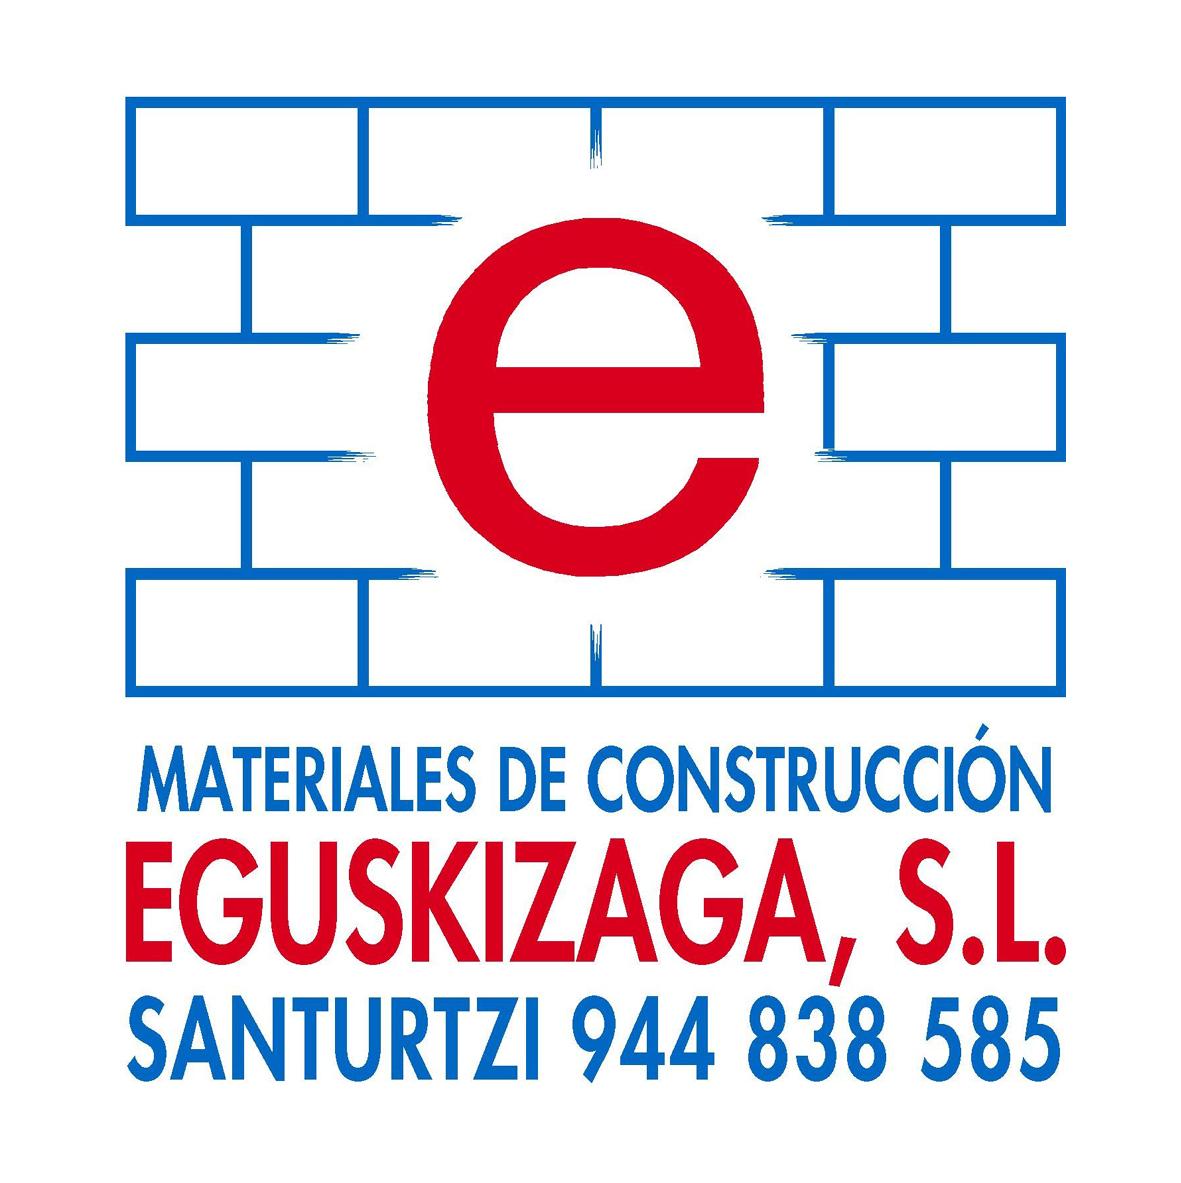 Materiales de Construccion Eguskizaga